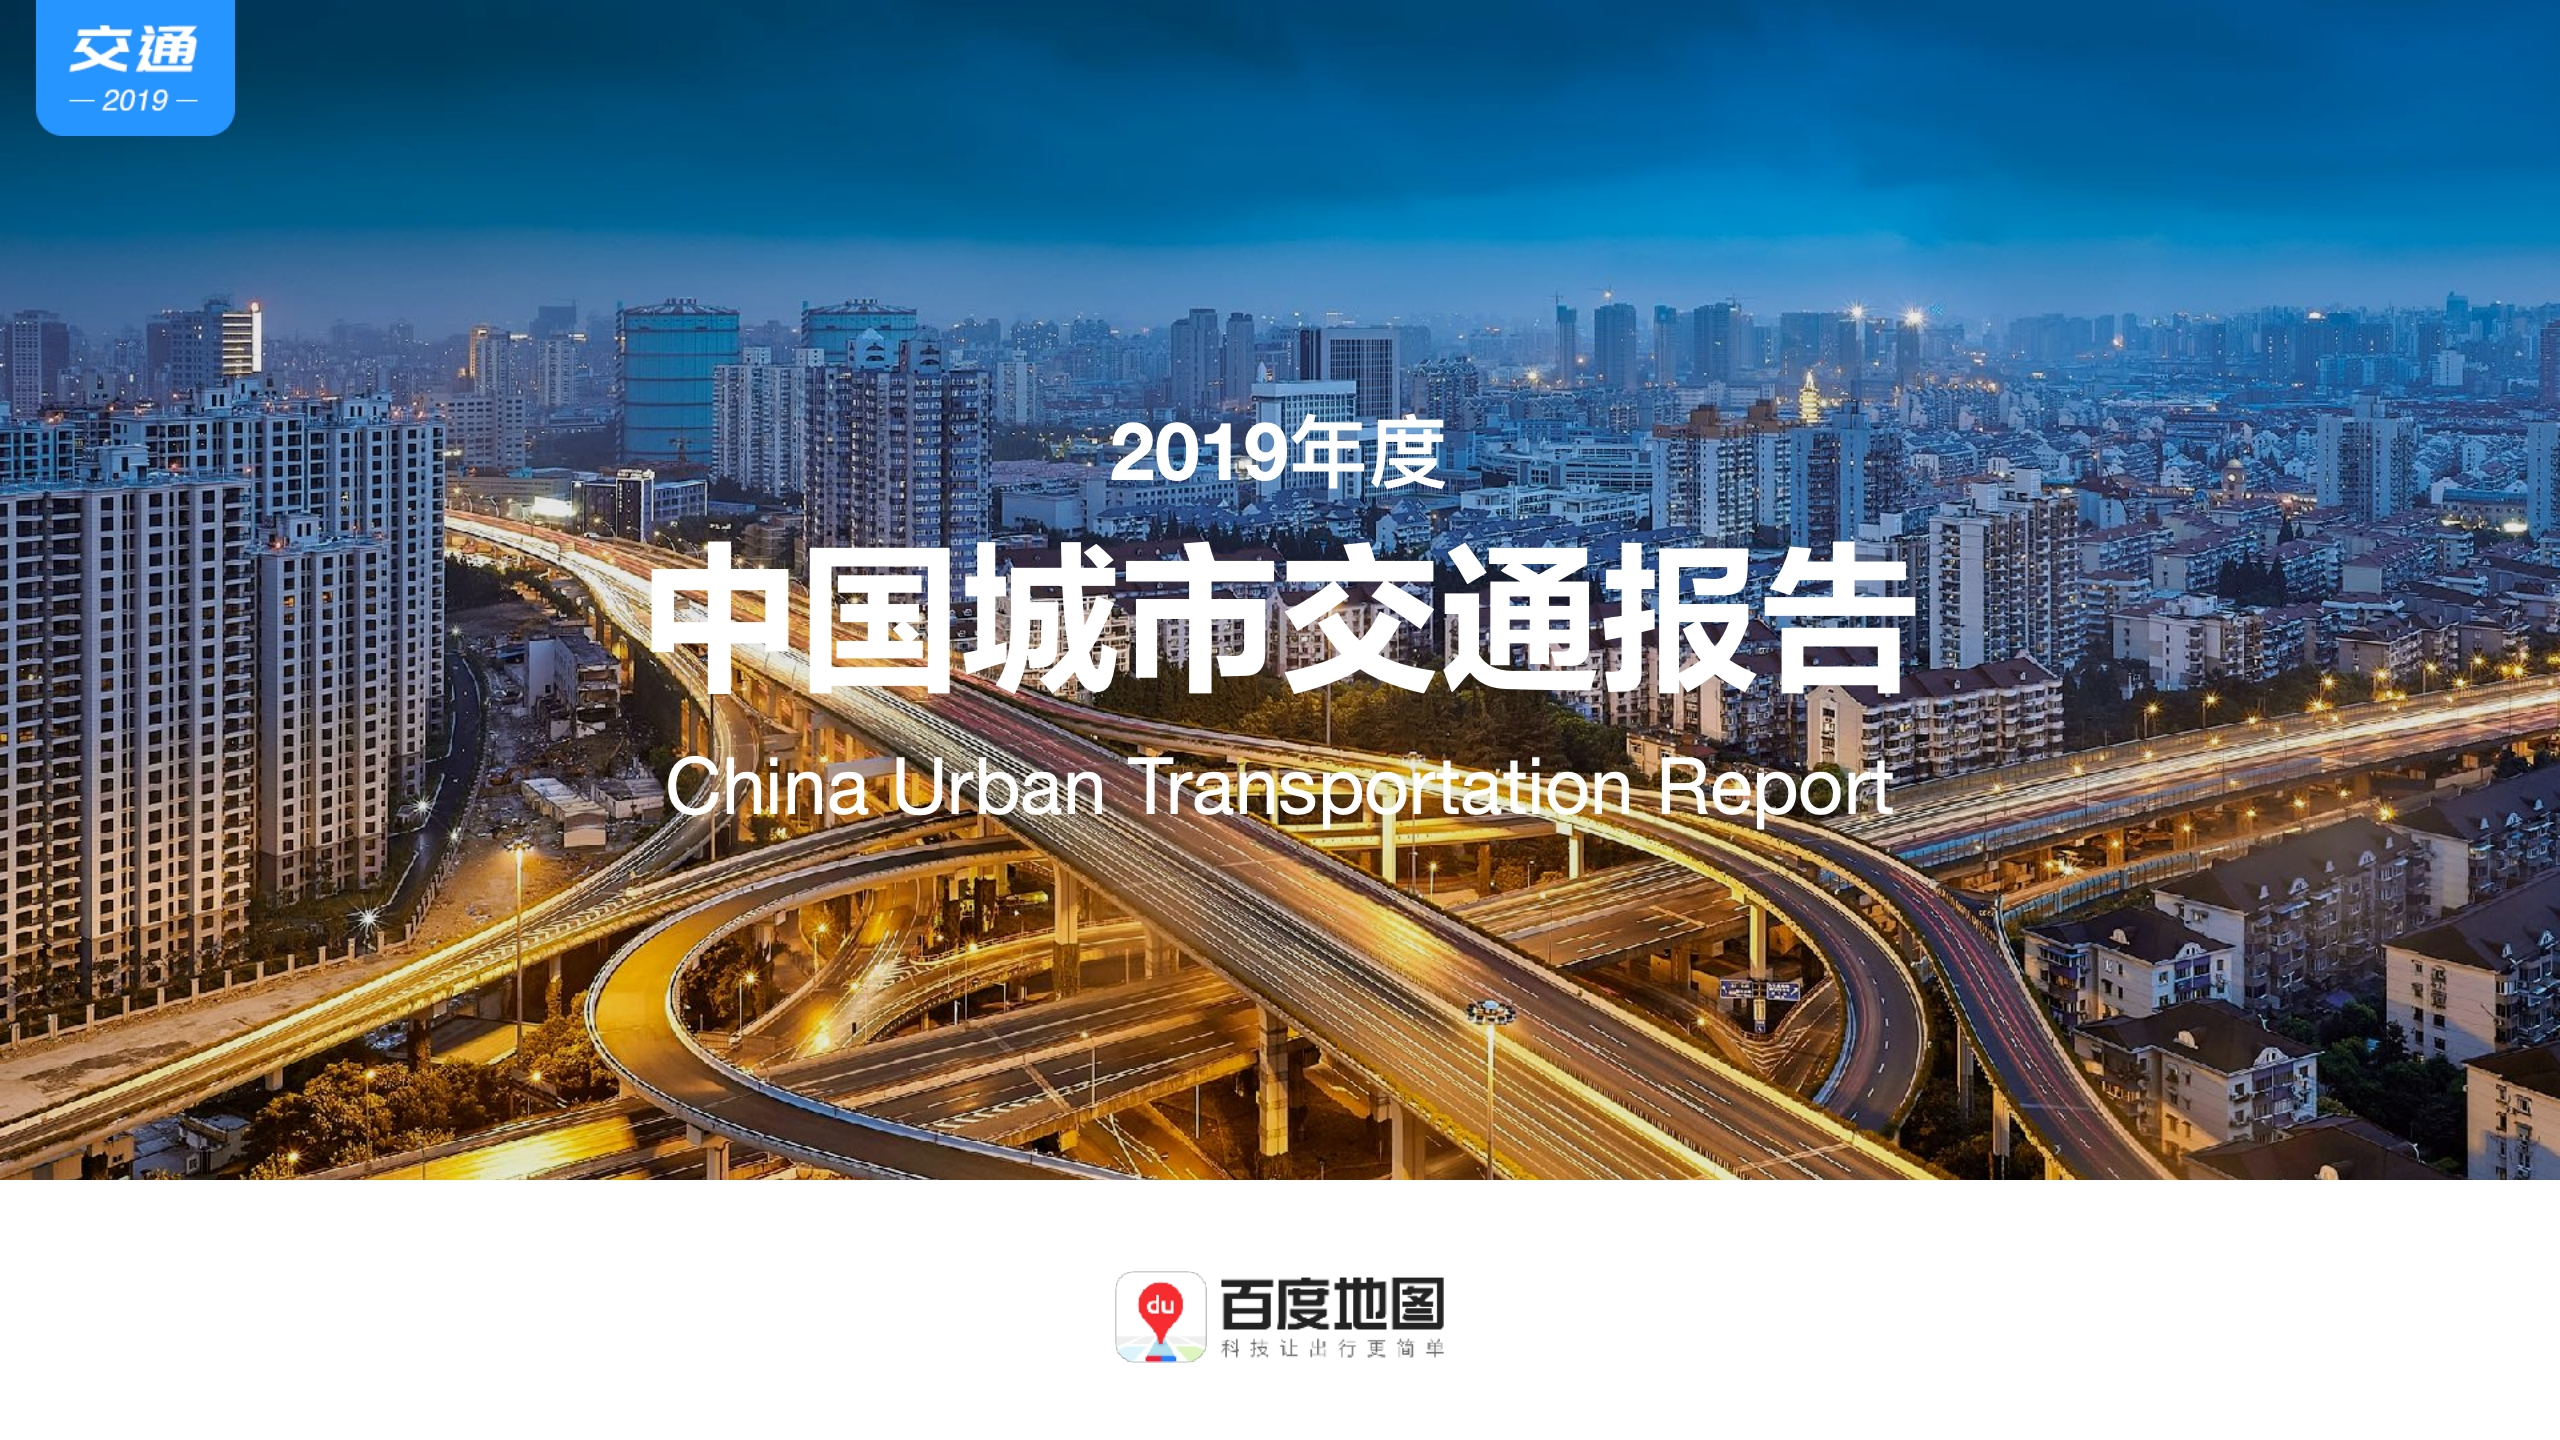 百度地图《2019年度中国城市交通报告》_page_01.png